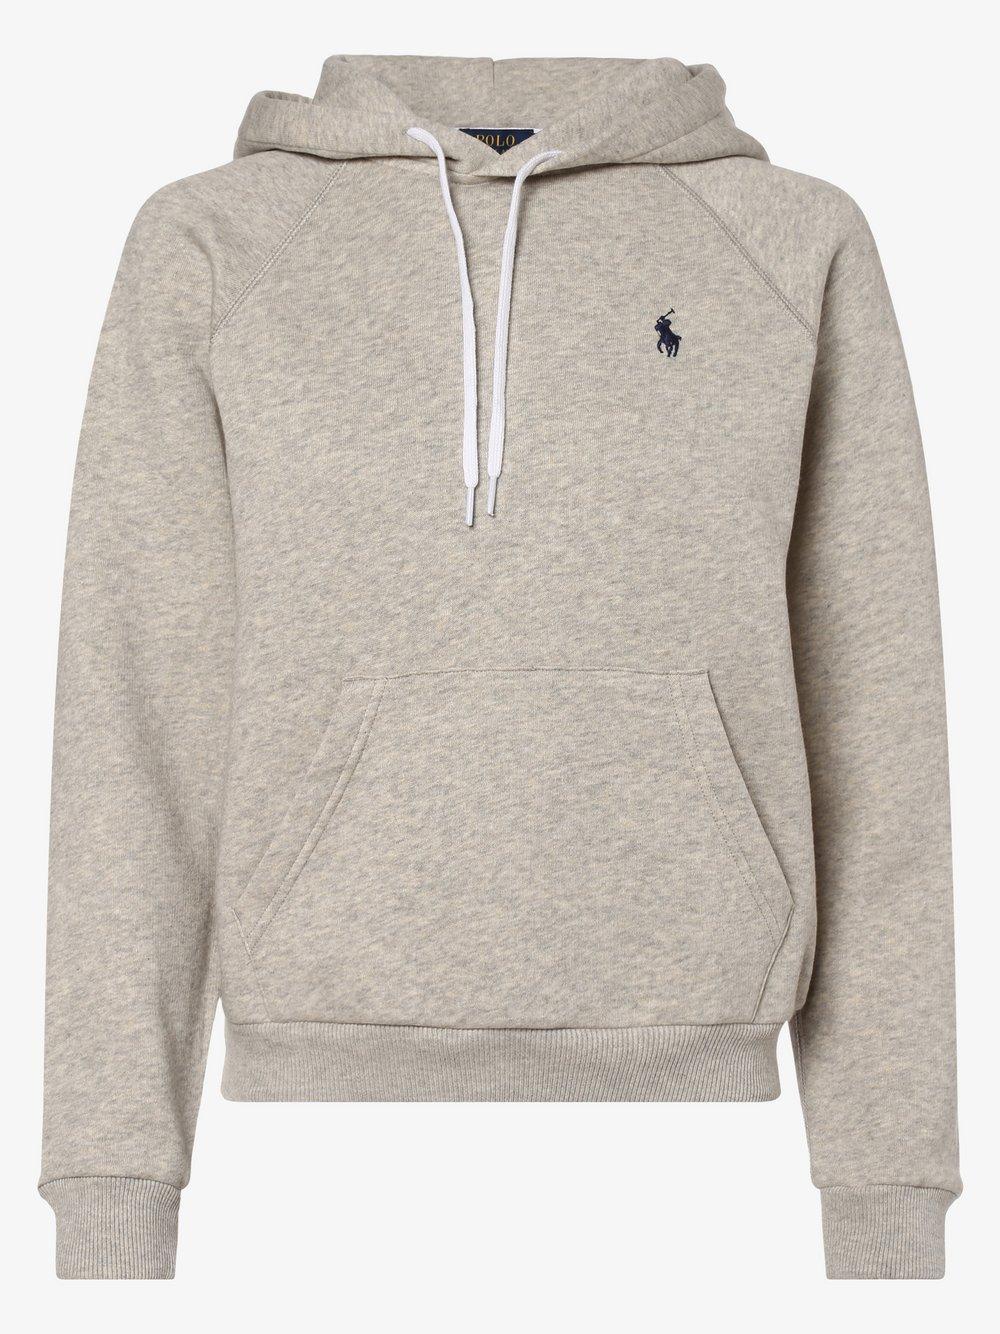 Polo Ralph Lauren - Damska bluza nierozpinana, szary